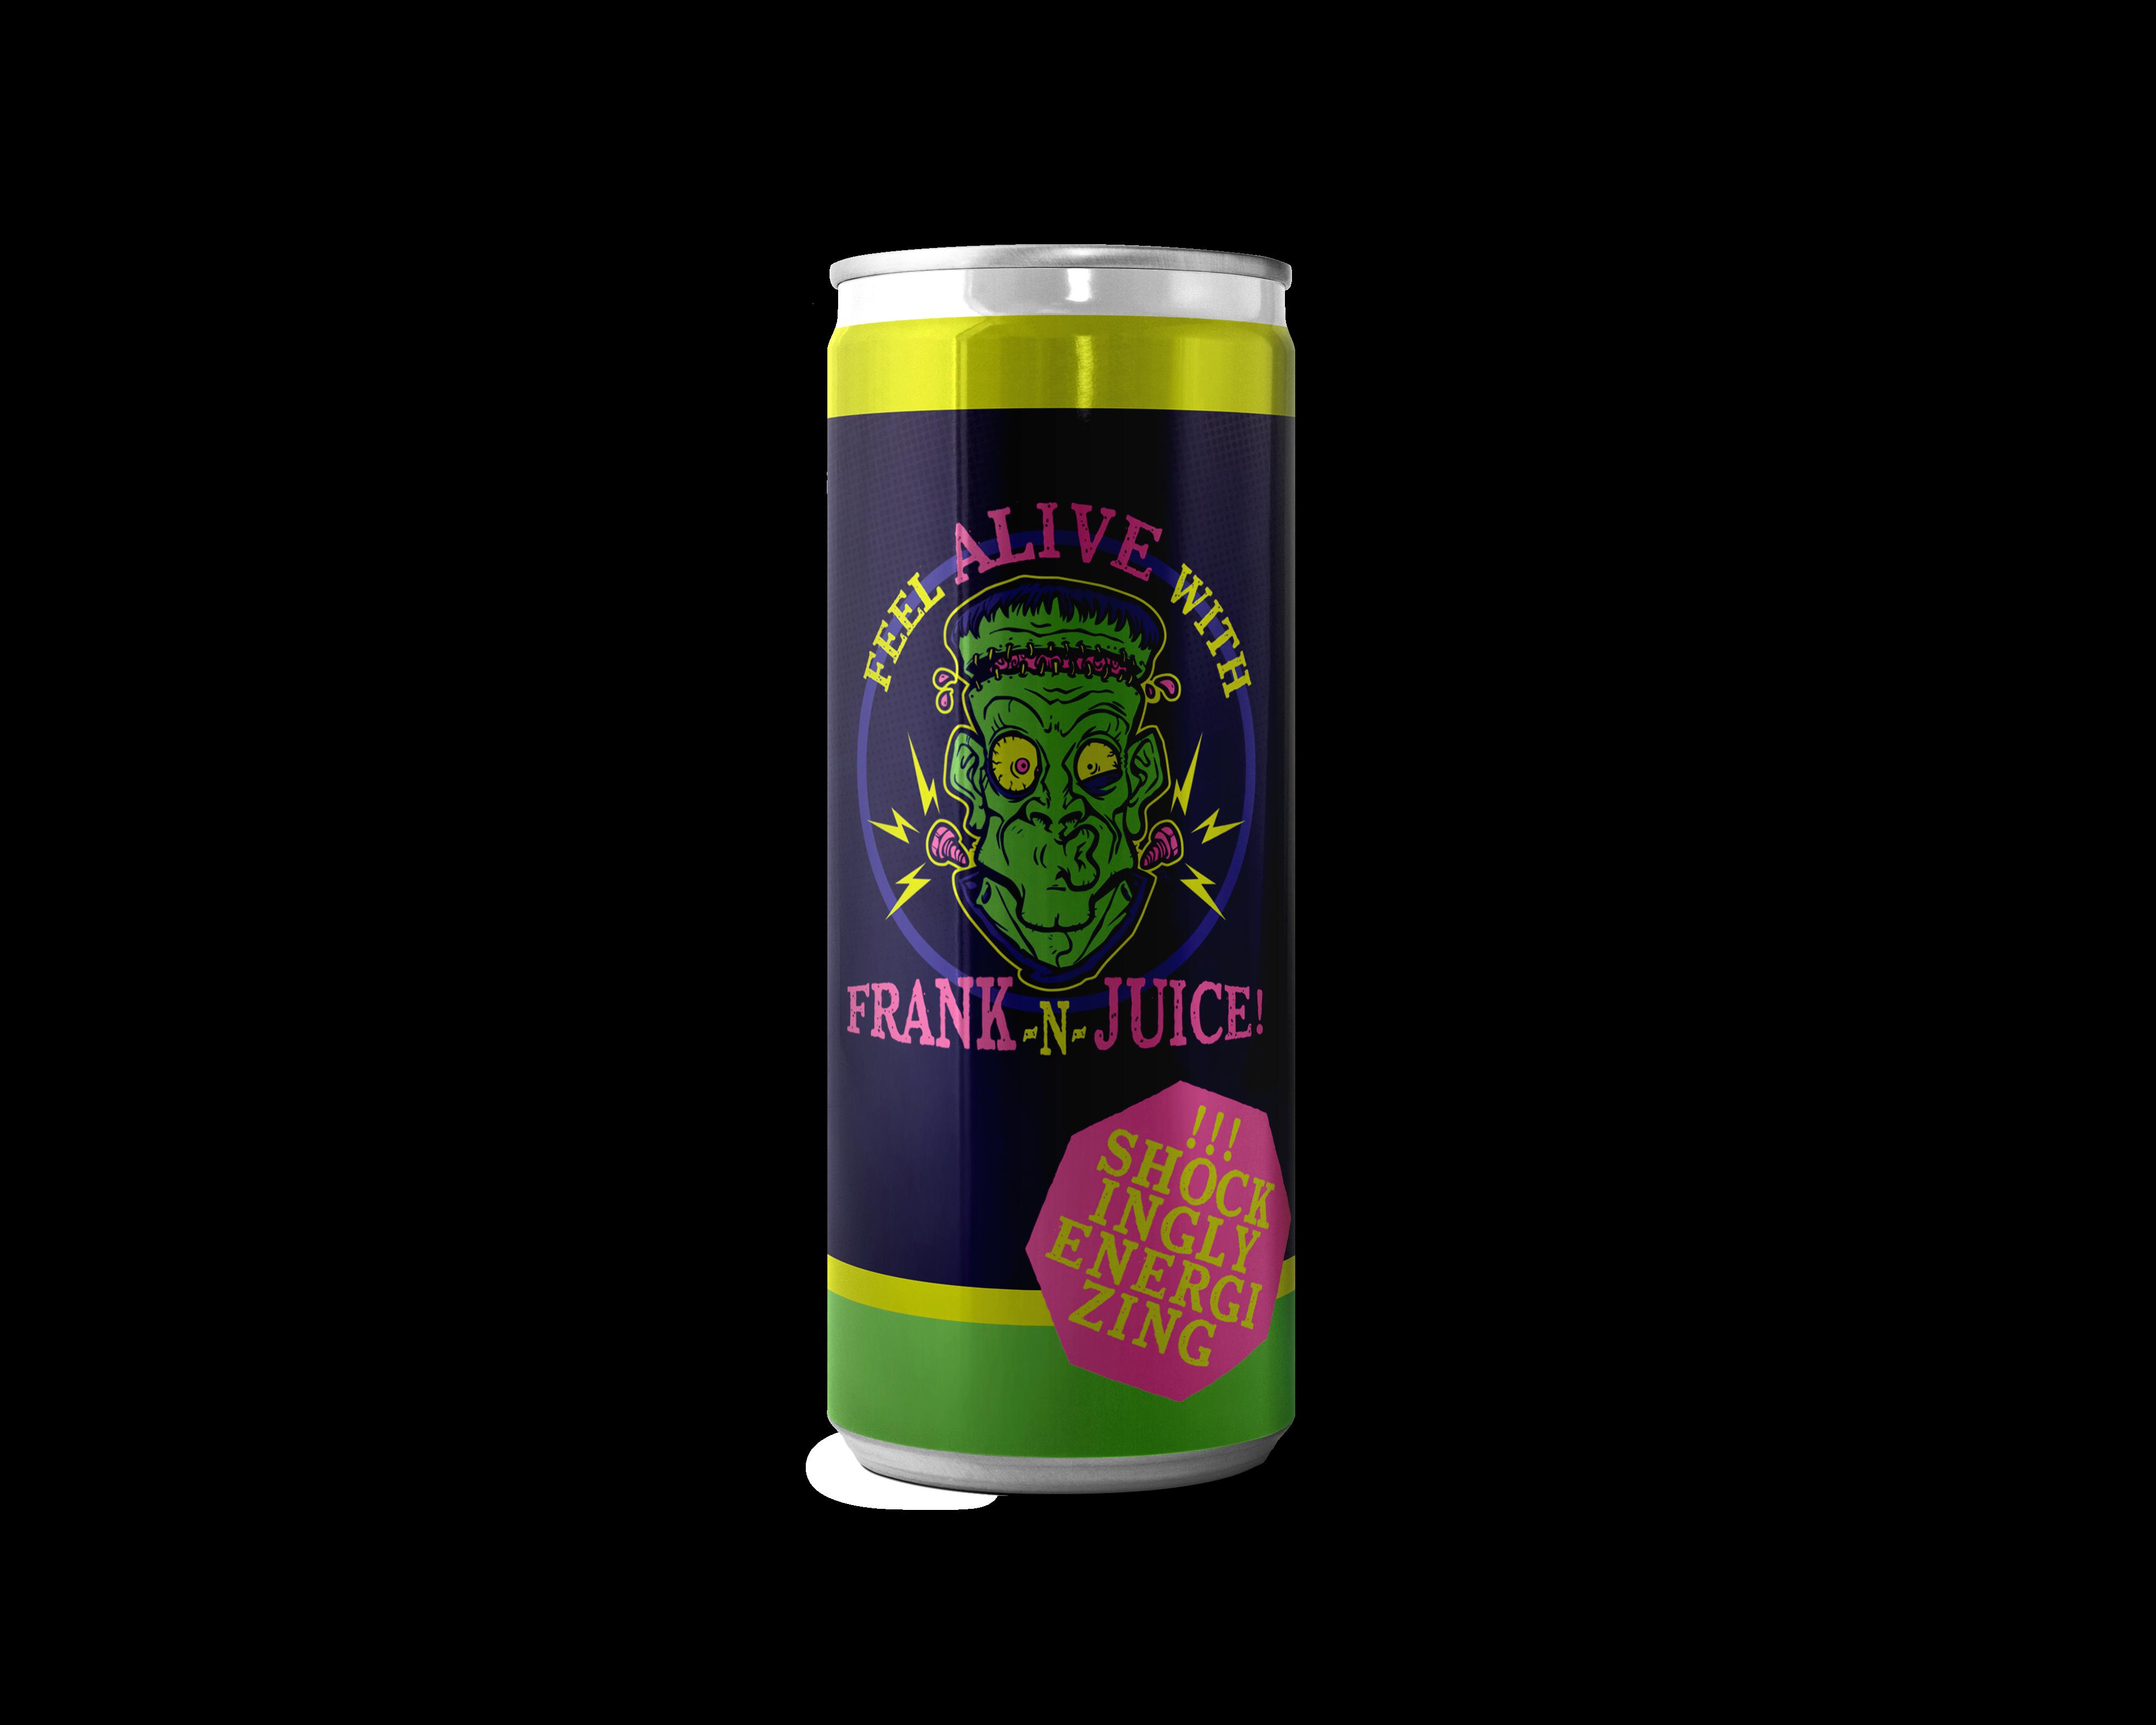 KingsLoot Frank-N-Juice Energy Drink